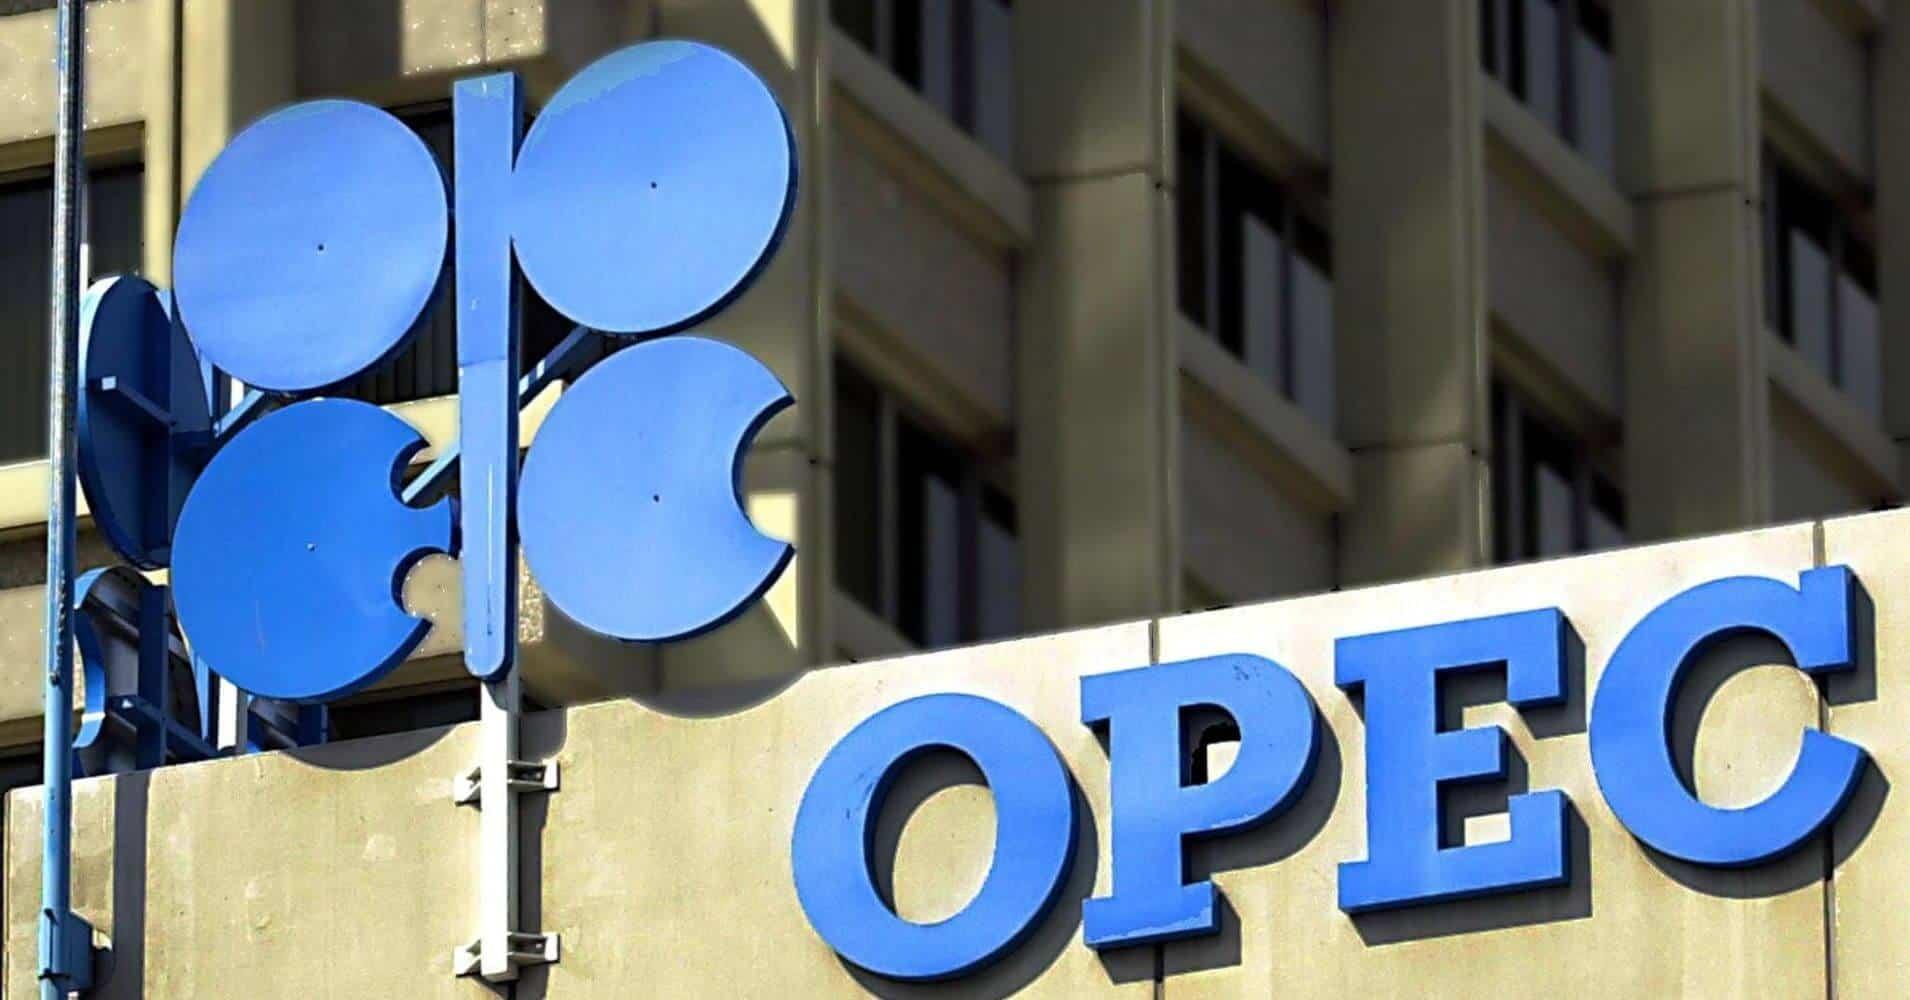 Omans Oil Minister